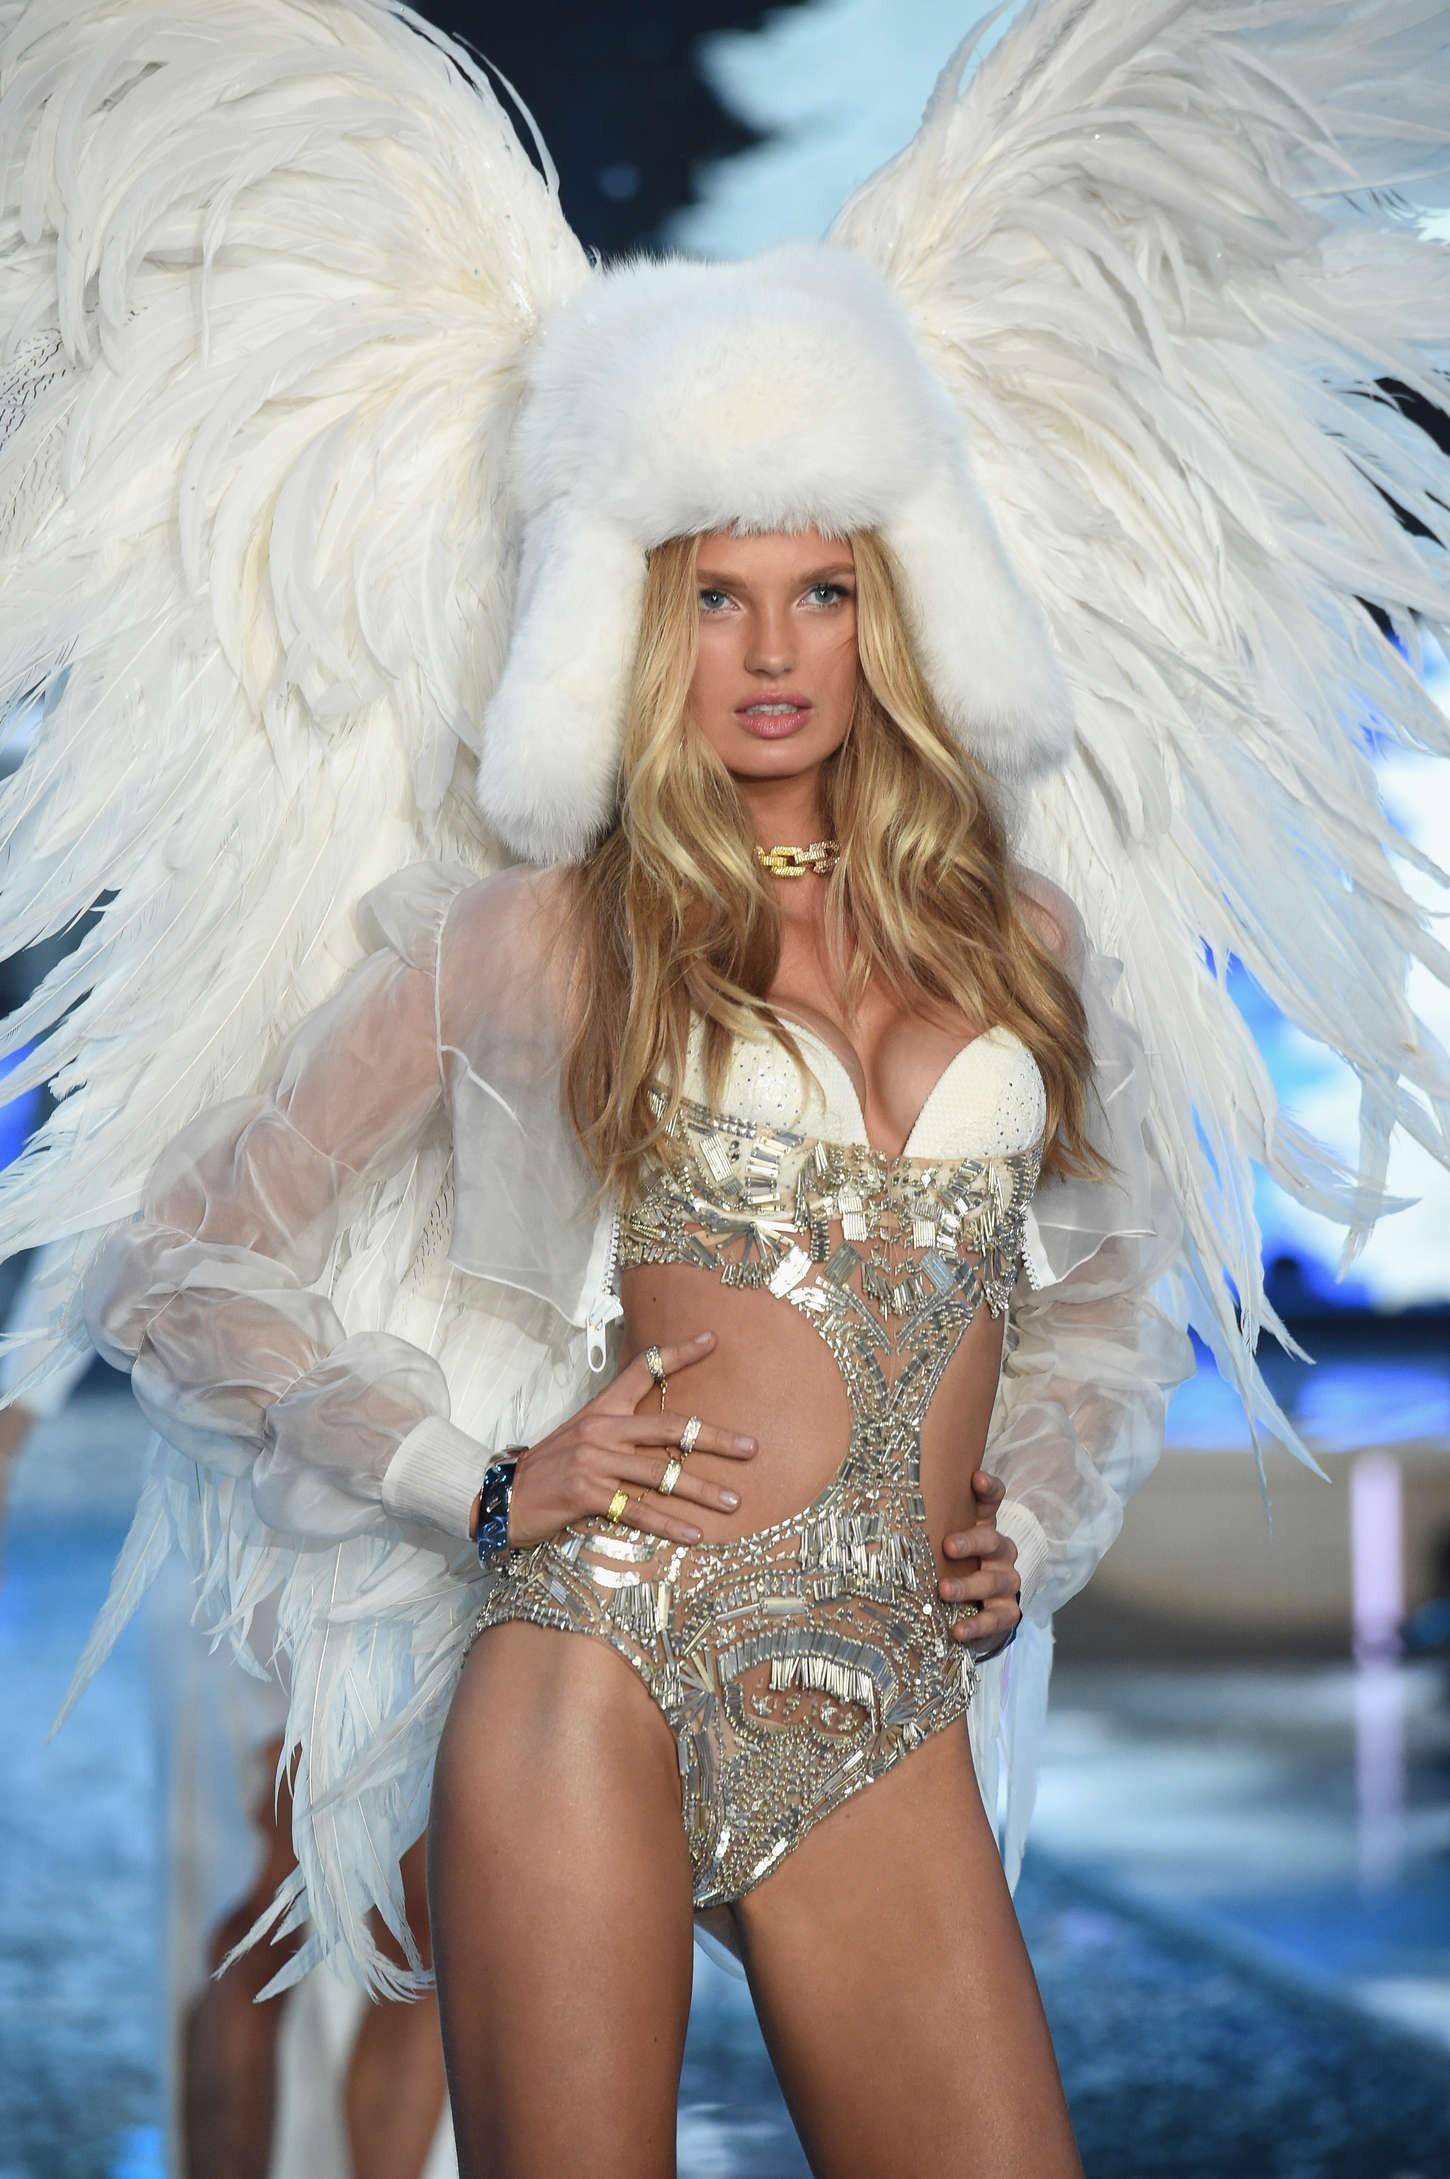 Định lý của Victorias Secret: Đôi cánh không tự nhiên sinh ra hay mất đi, chỉ đổi từ Thiên thần này sang Thiên thần khác - Ảnh 4.